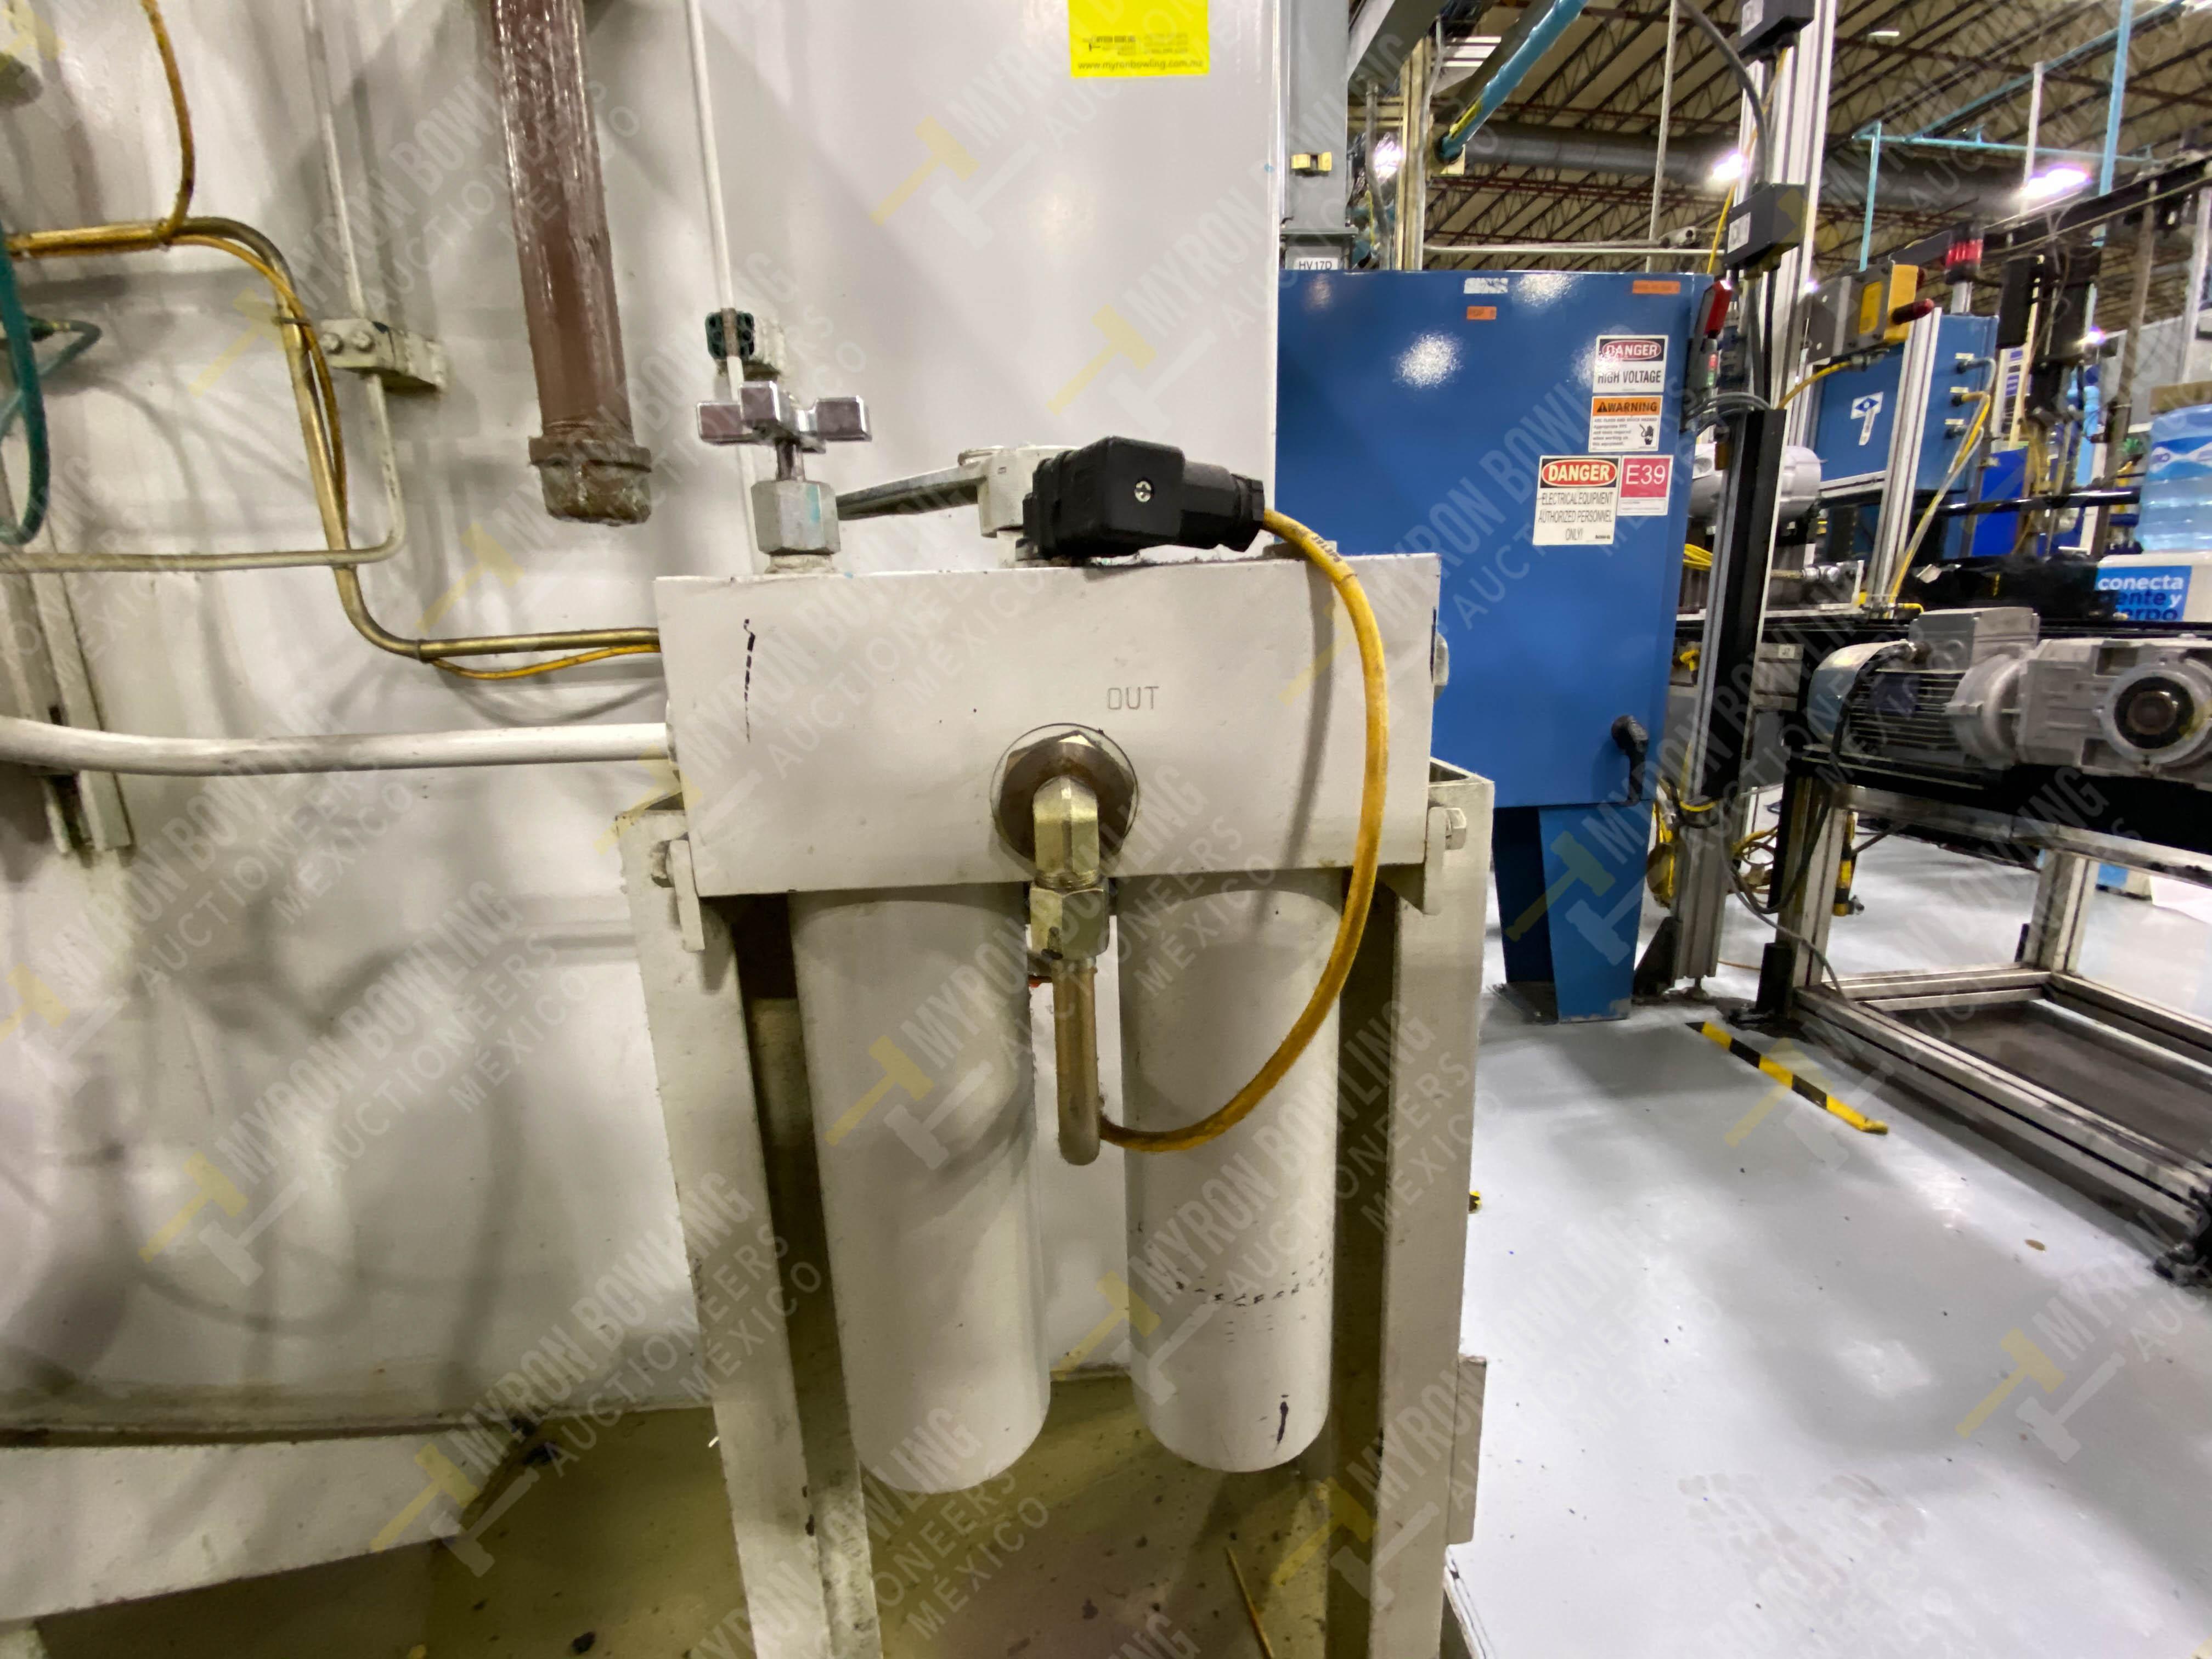 Bomba de aceite y filtros para el llenado de housings en lote 30 y 31. - Image 19 of 30